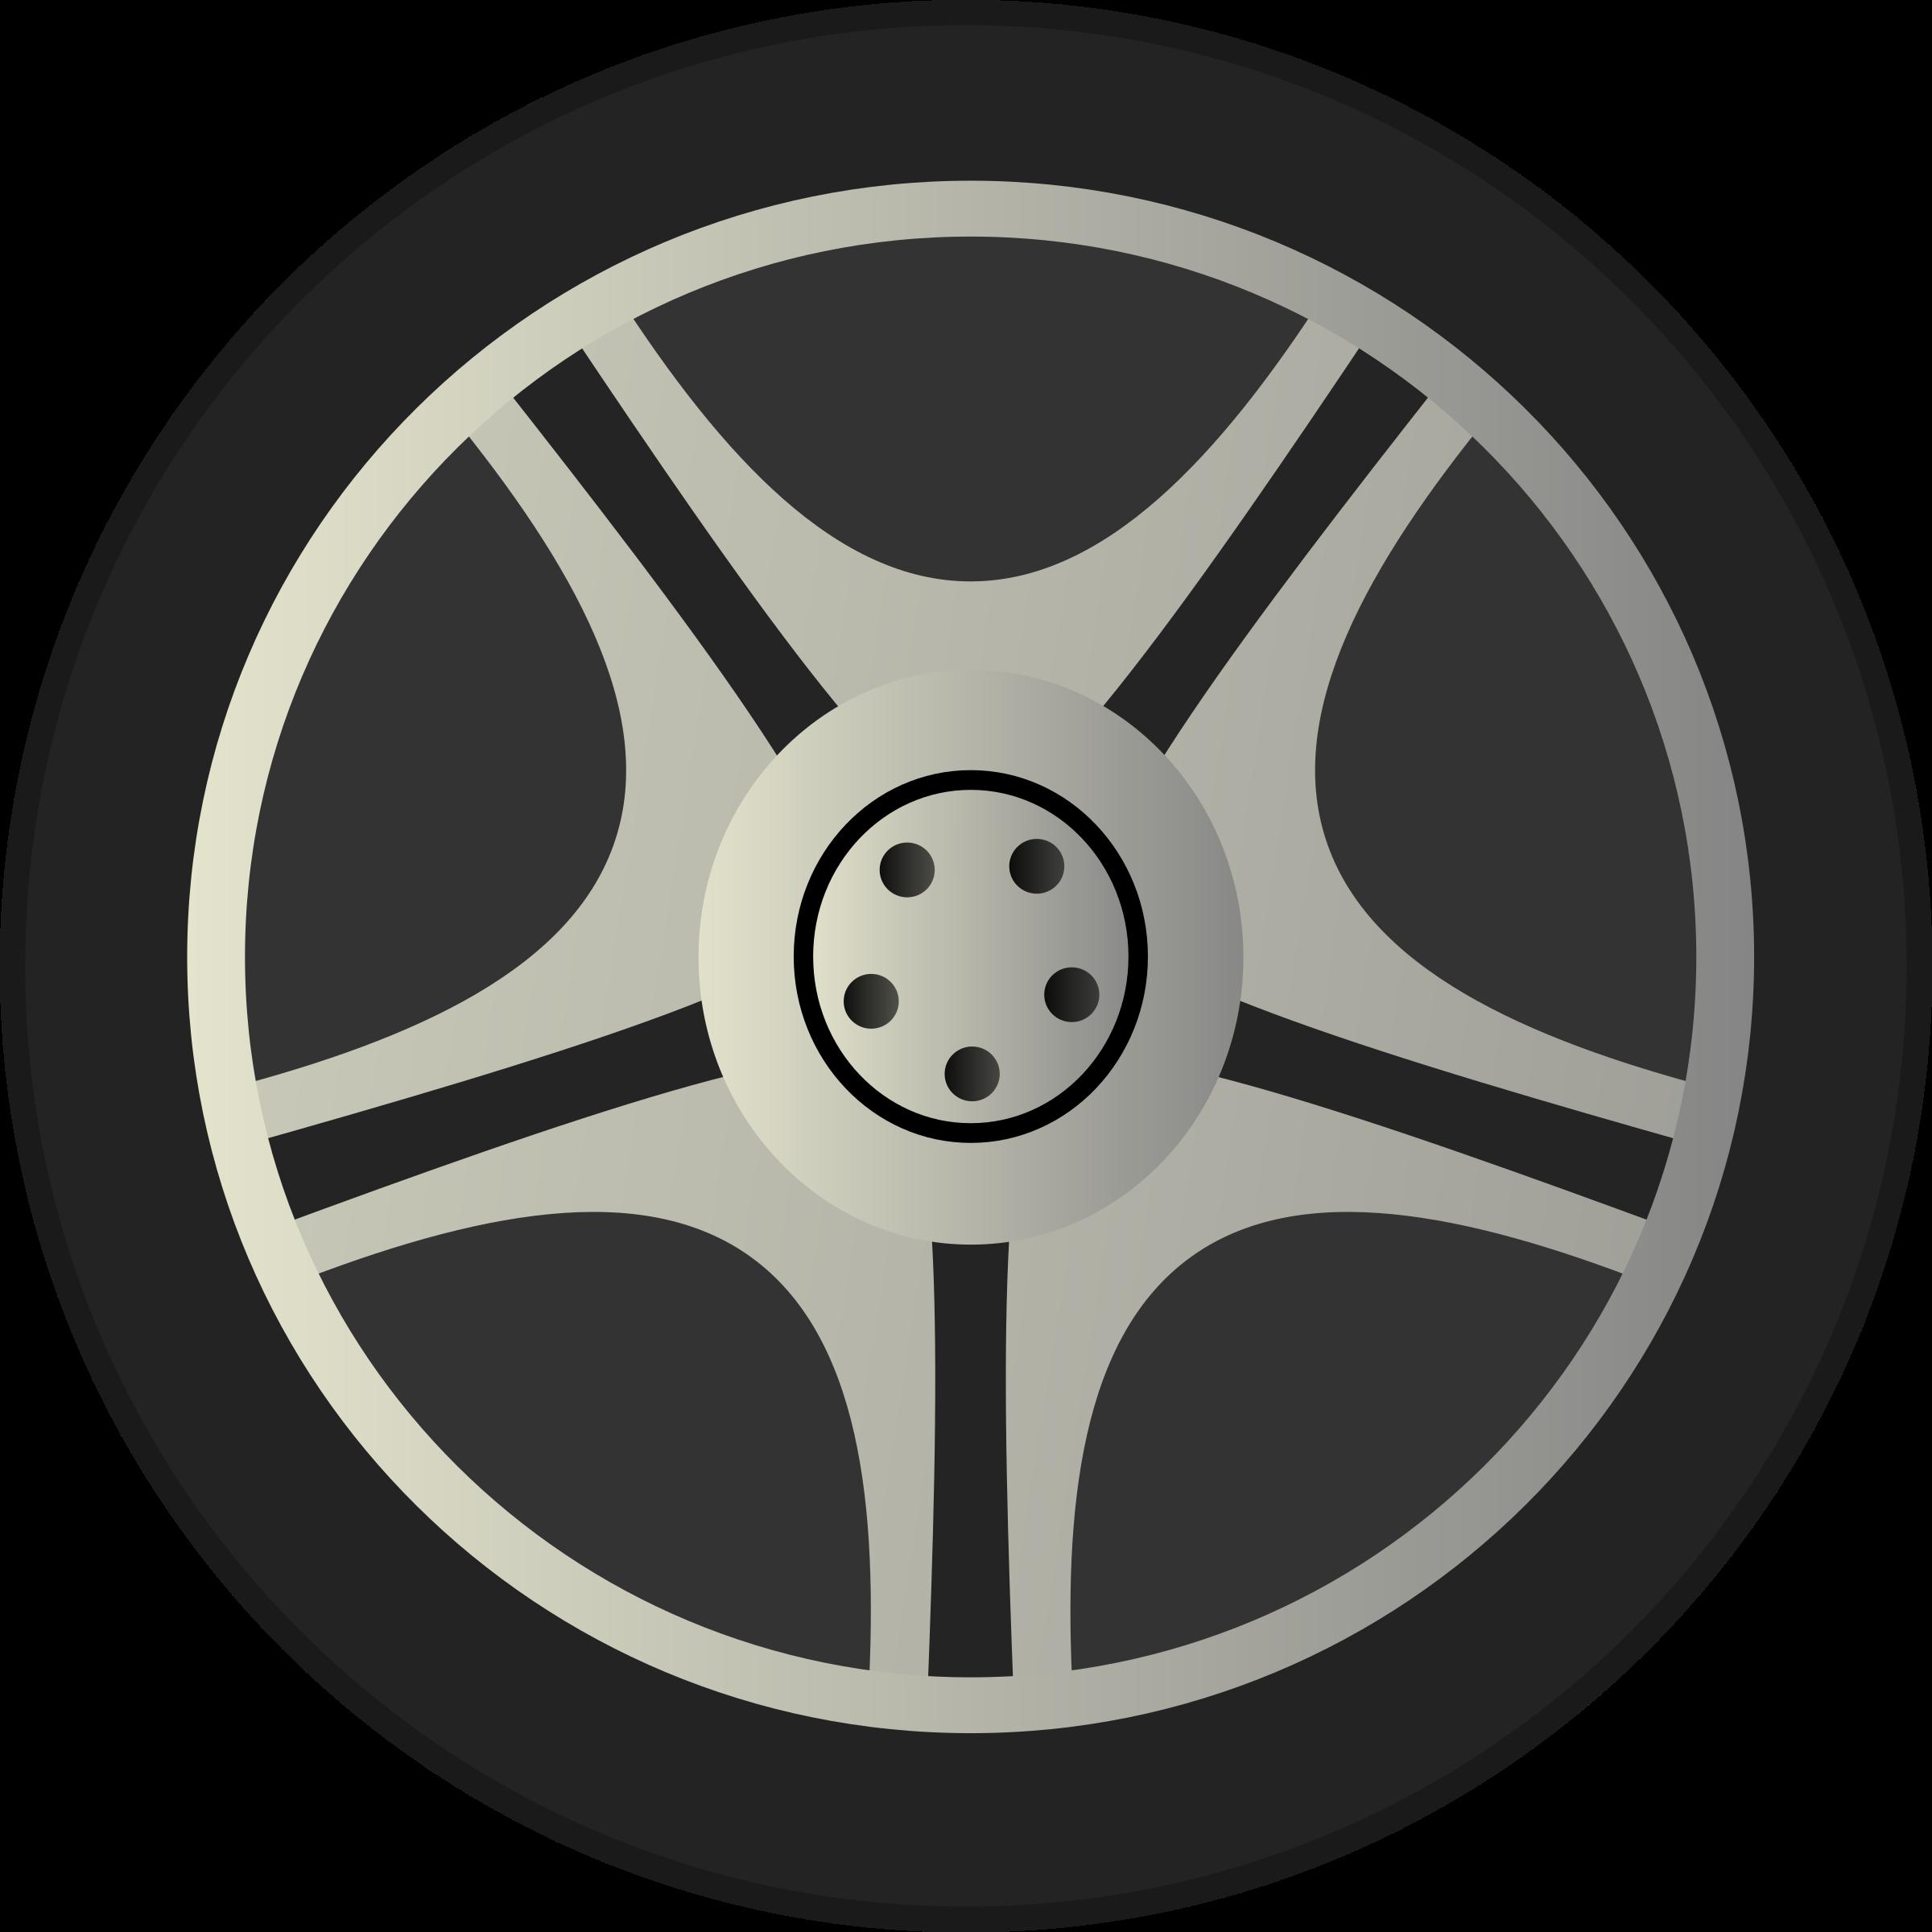 Wheel Clipart-Wheel Clipart-8